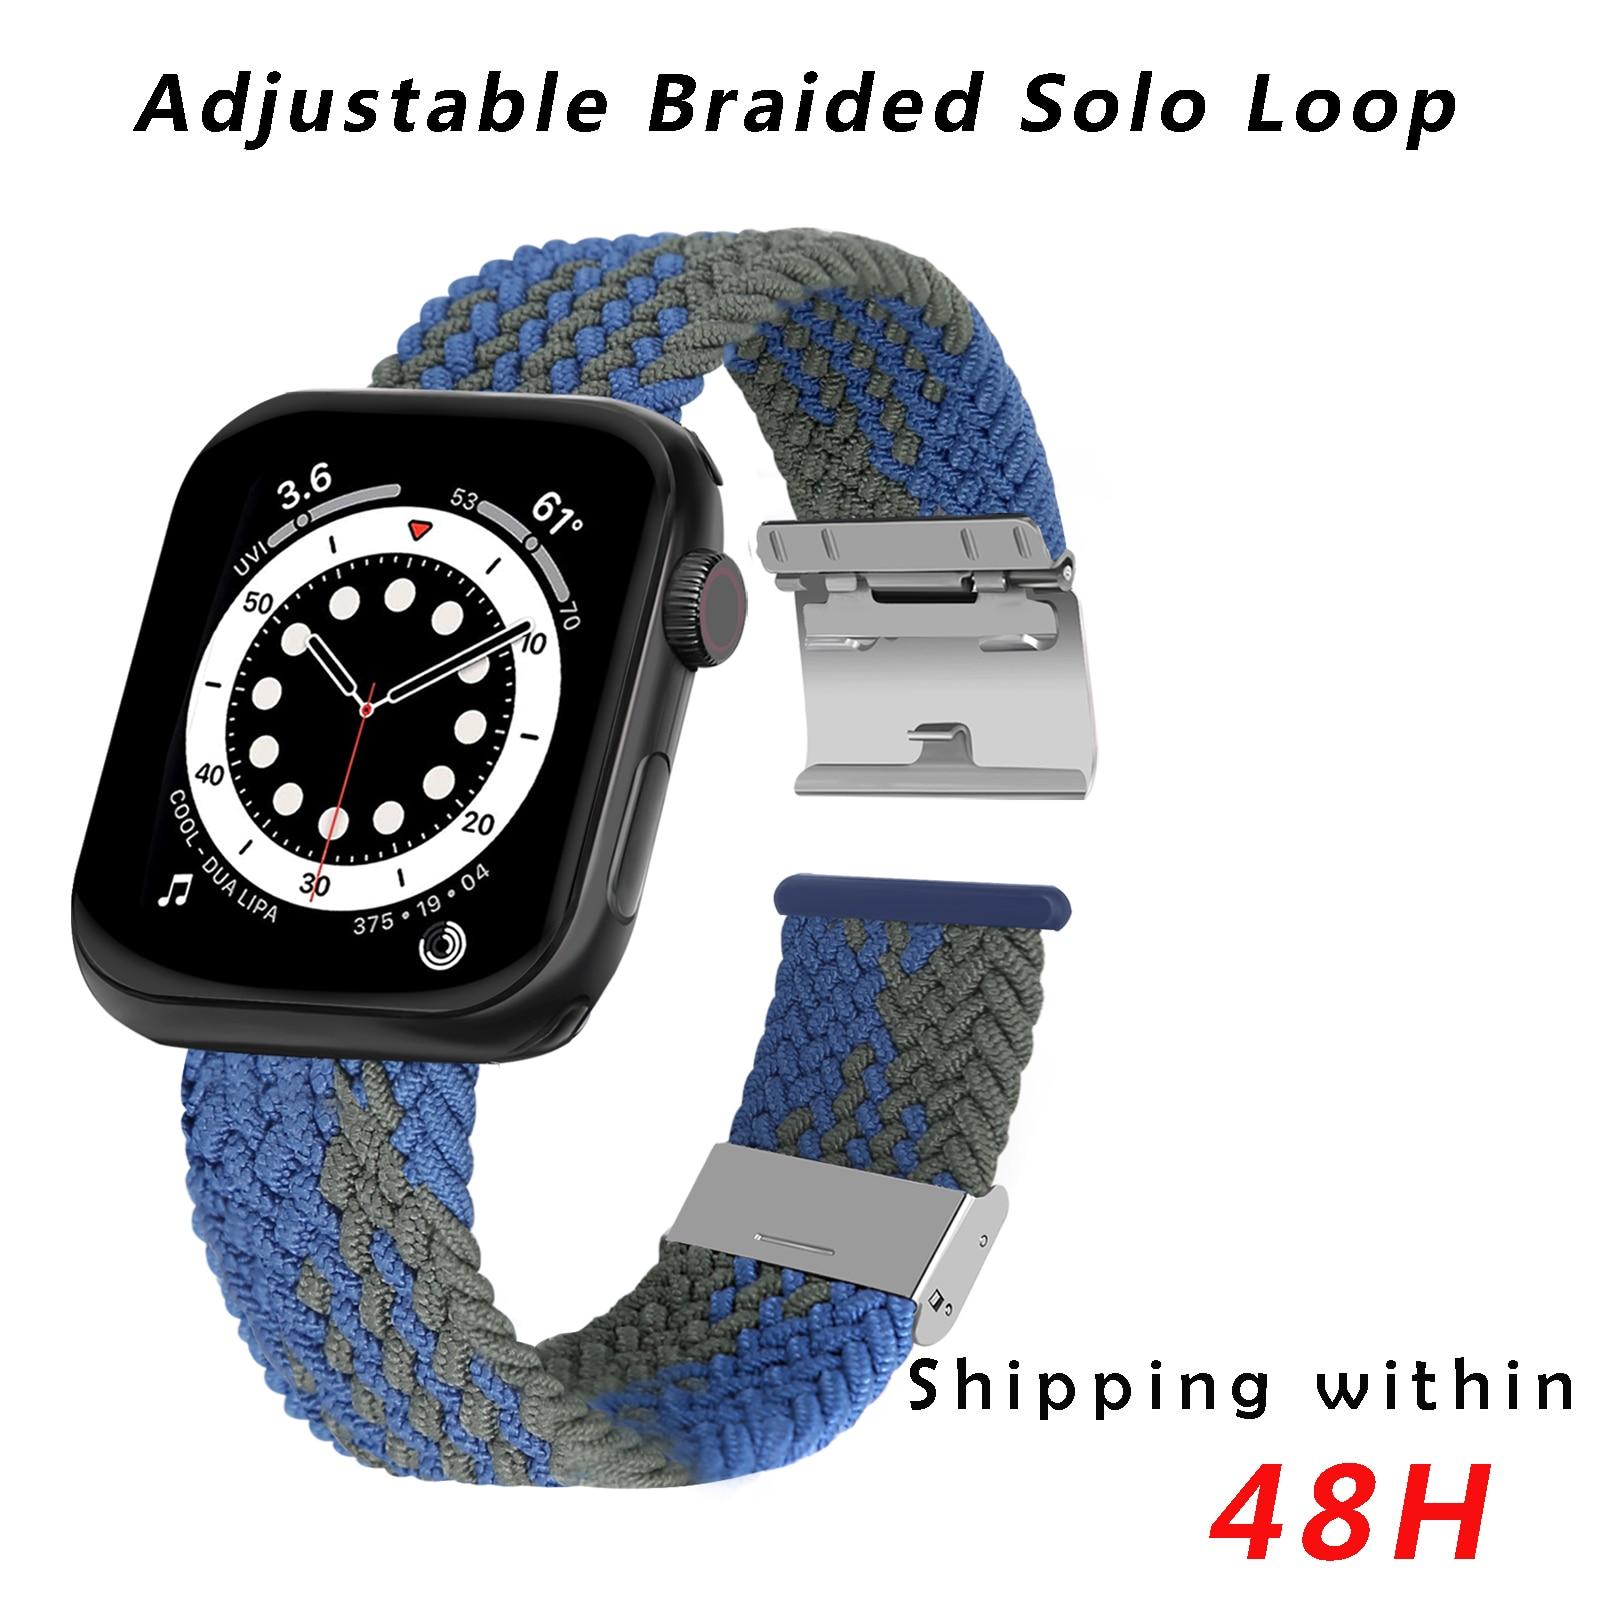 Pulseira compatível com apple pulseiras de relógio 44mm 40mm 38mm 42mm, iwatch bandas para homem feminino, ajustável trançado solo loop